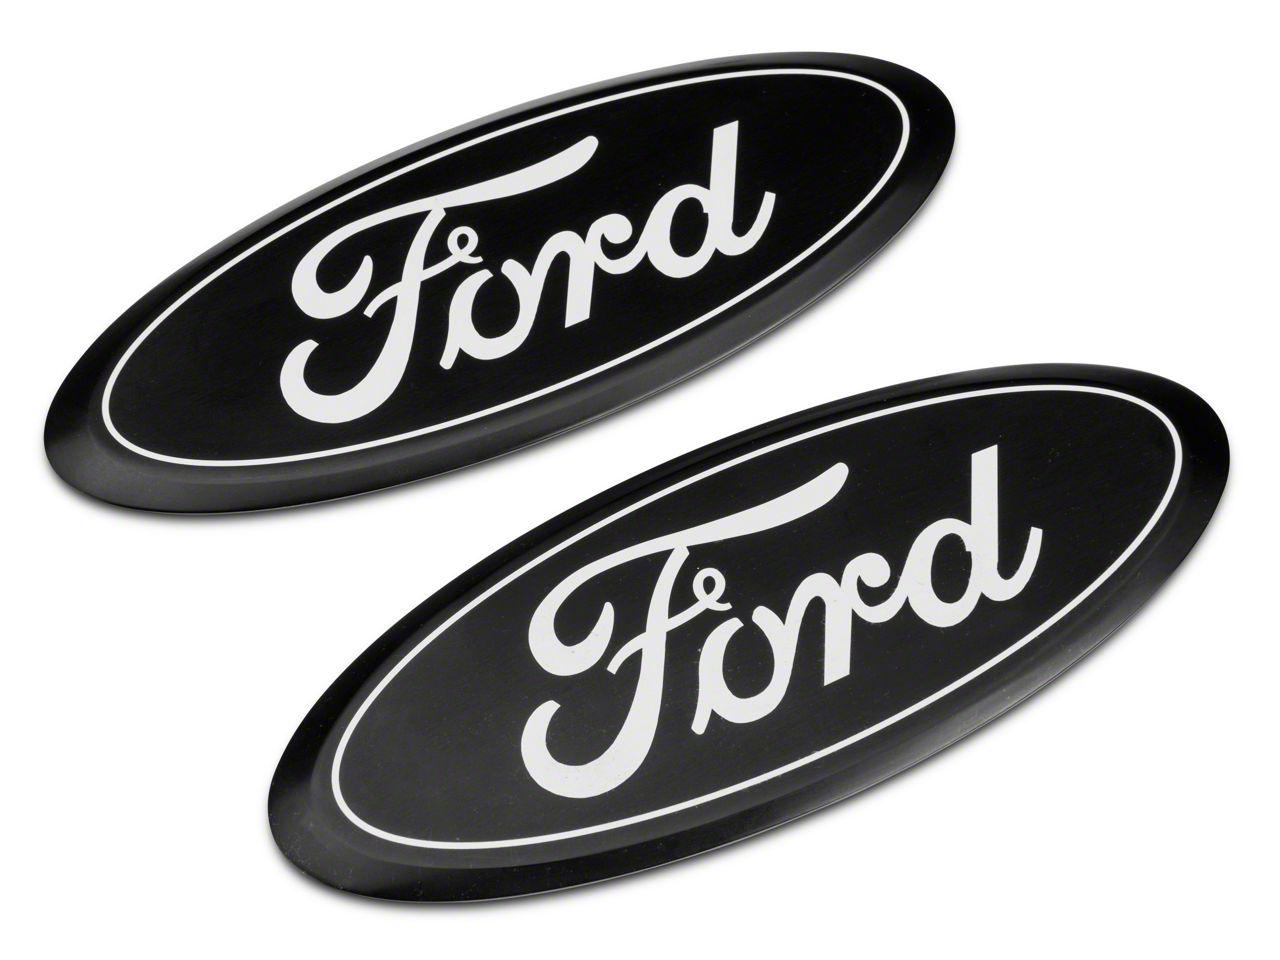 Billet Aluminum Ford Oval Grille Emblem - Black (15-17 F-150)